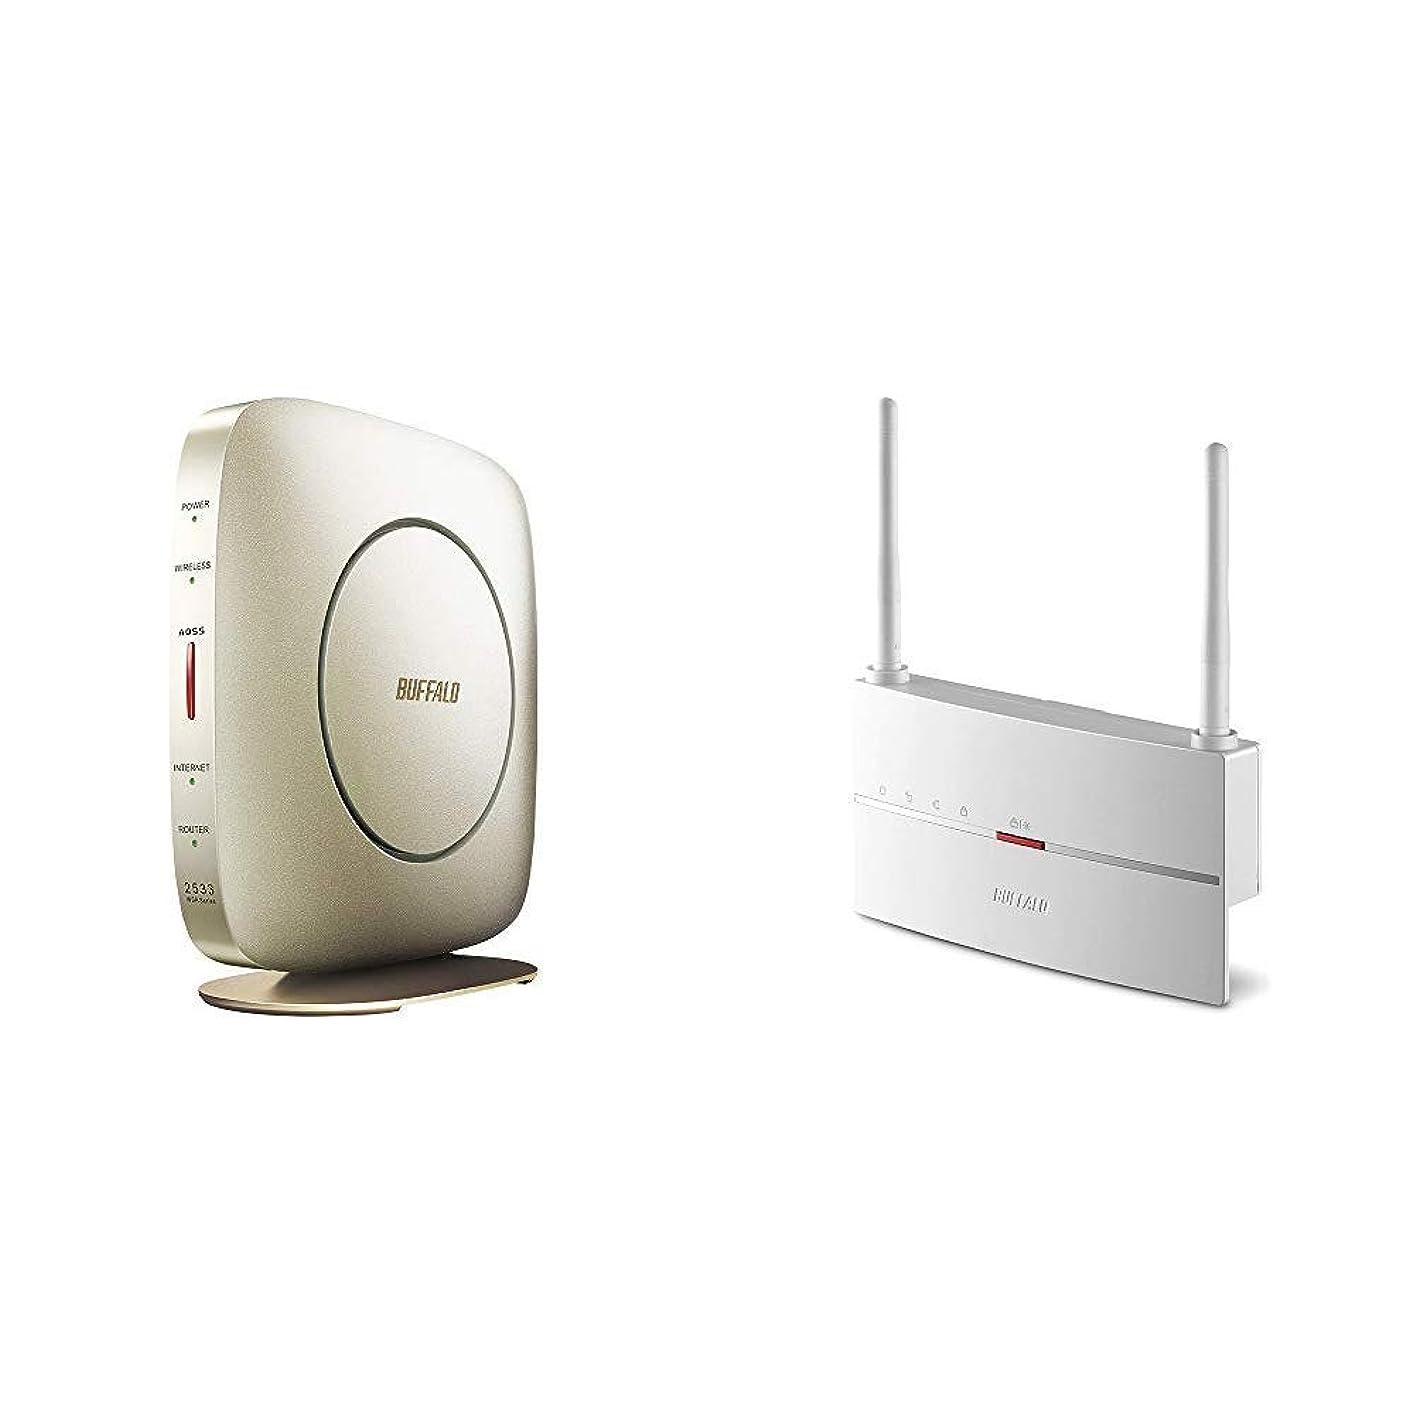 啓発する最大限問題無線LAN中継器 WiFi信号増幅器 WIFIリピーター MAX 300Mbps 2.4GHz 強化拡張 MW301RE